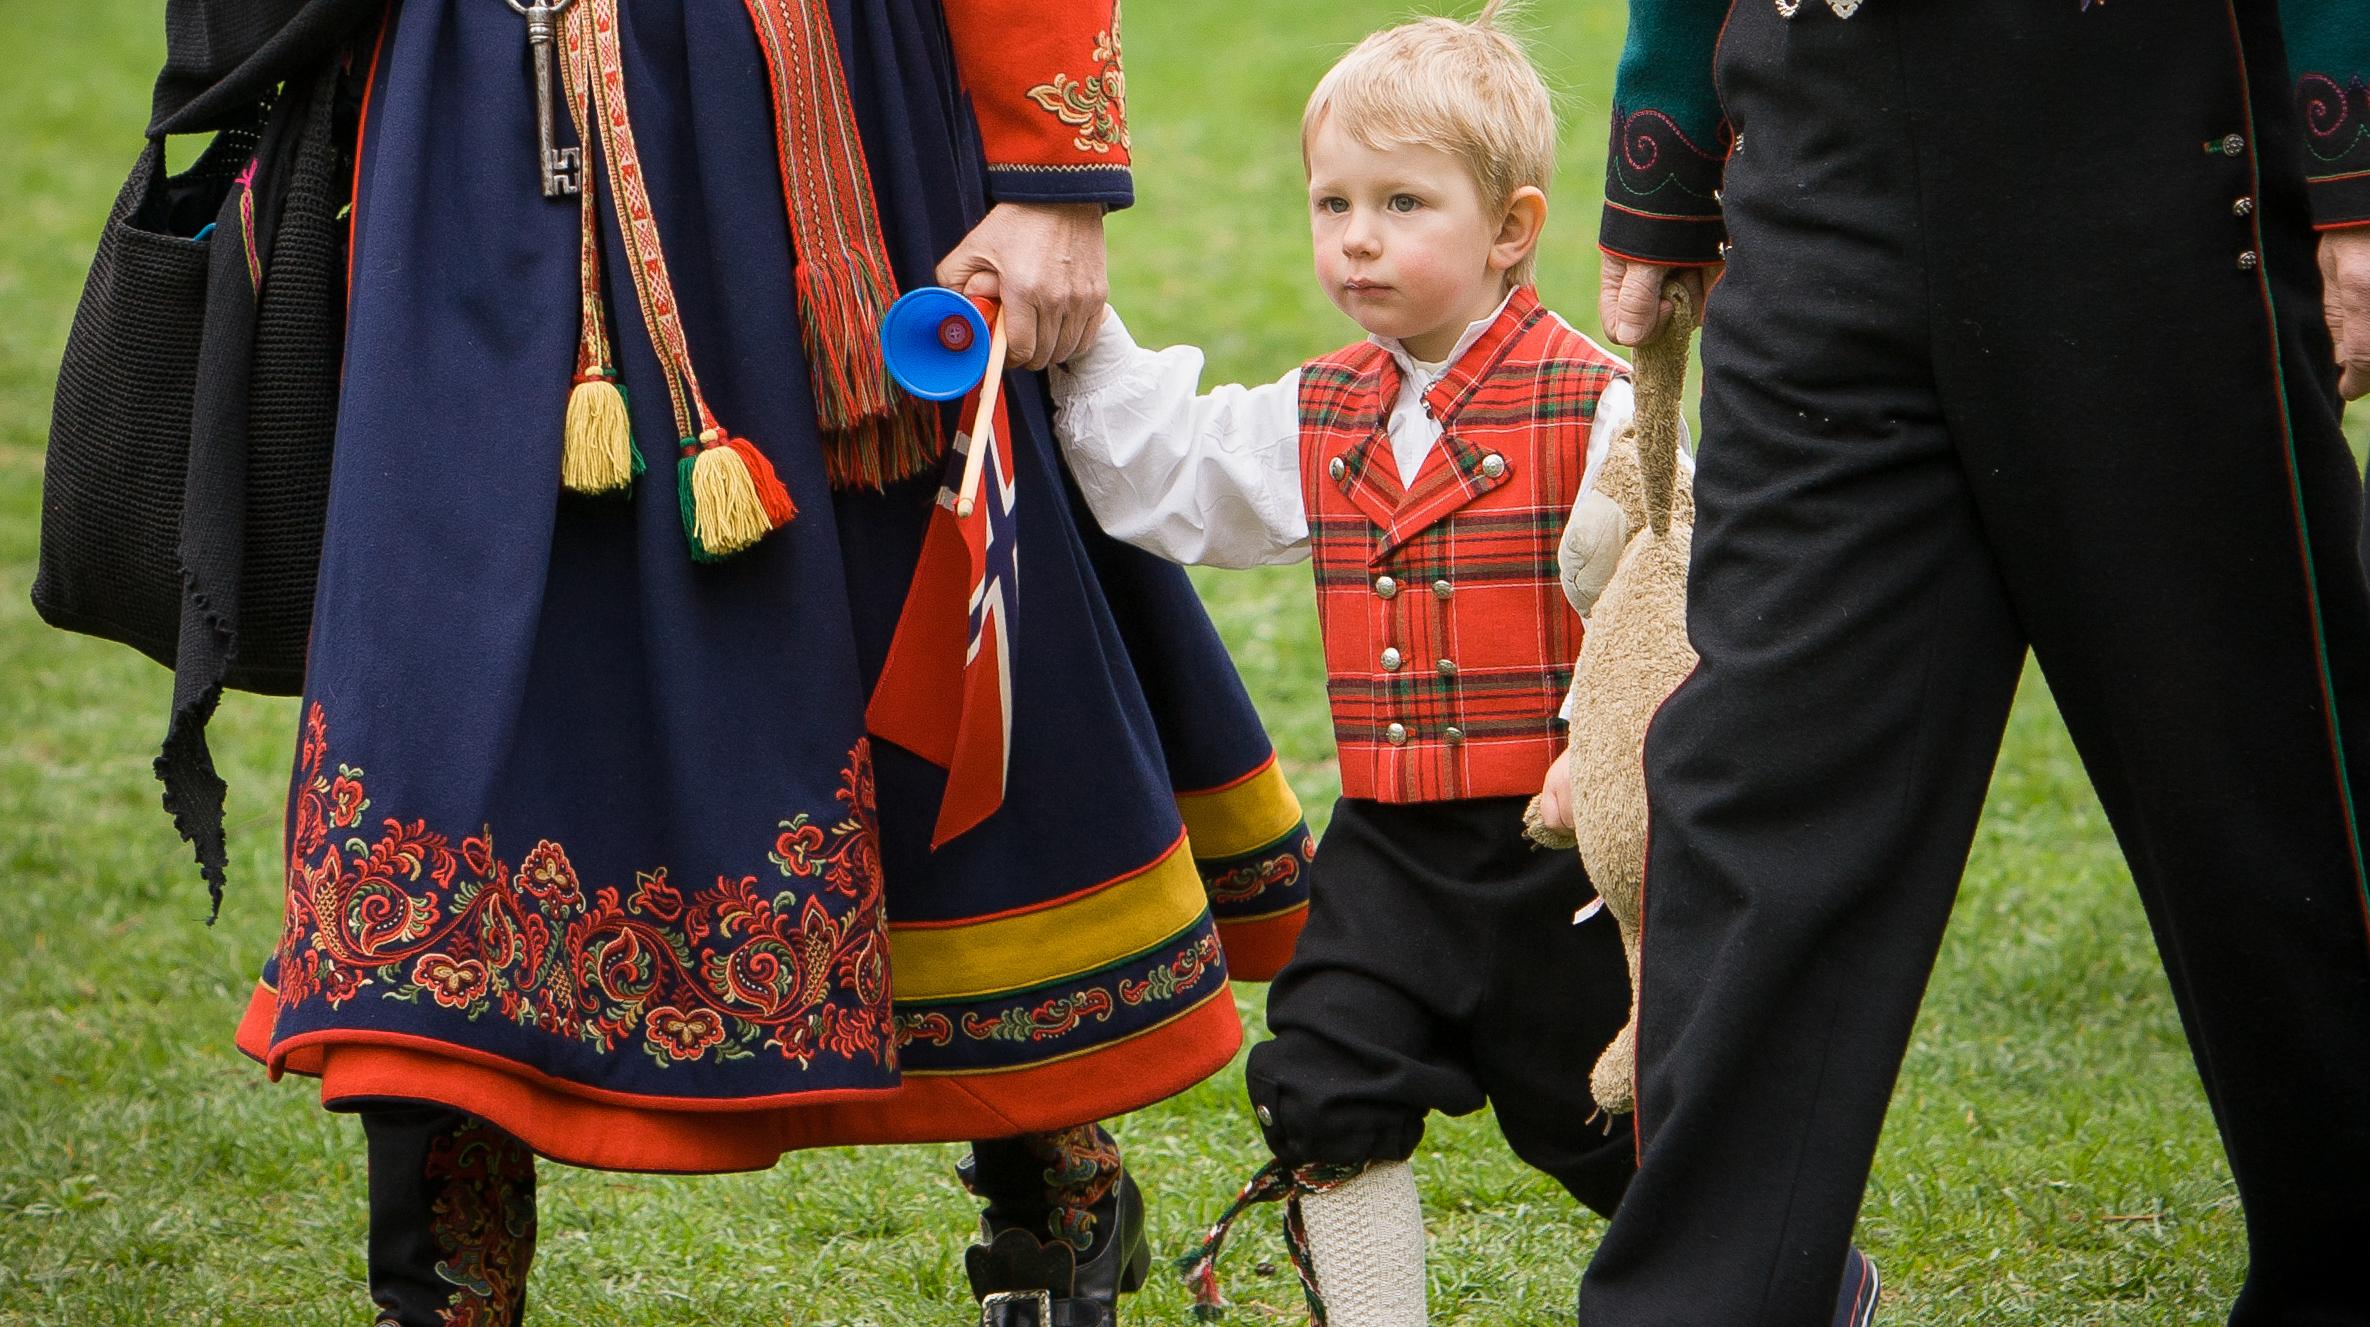 Skal barnet ha bunad eller festdrakt på 17. mai, eller velger dere andre penklær? Illustrasjonsfoto: iStock